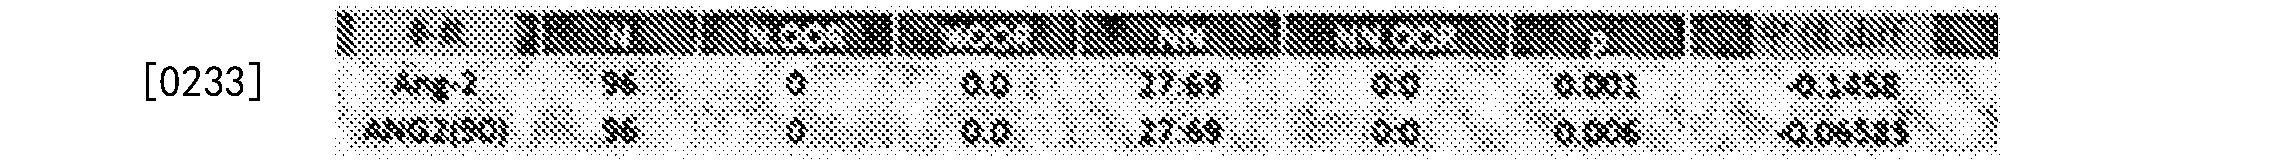 Figure CN105264380BD00323